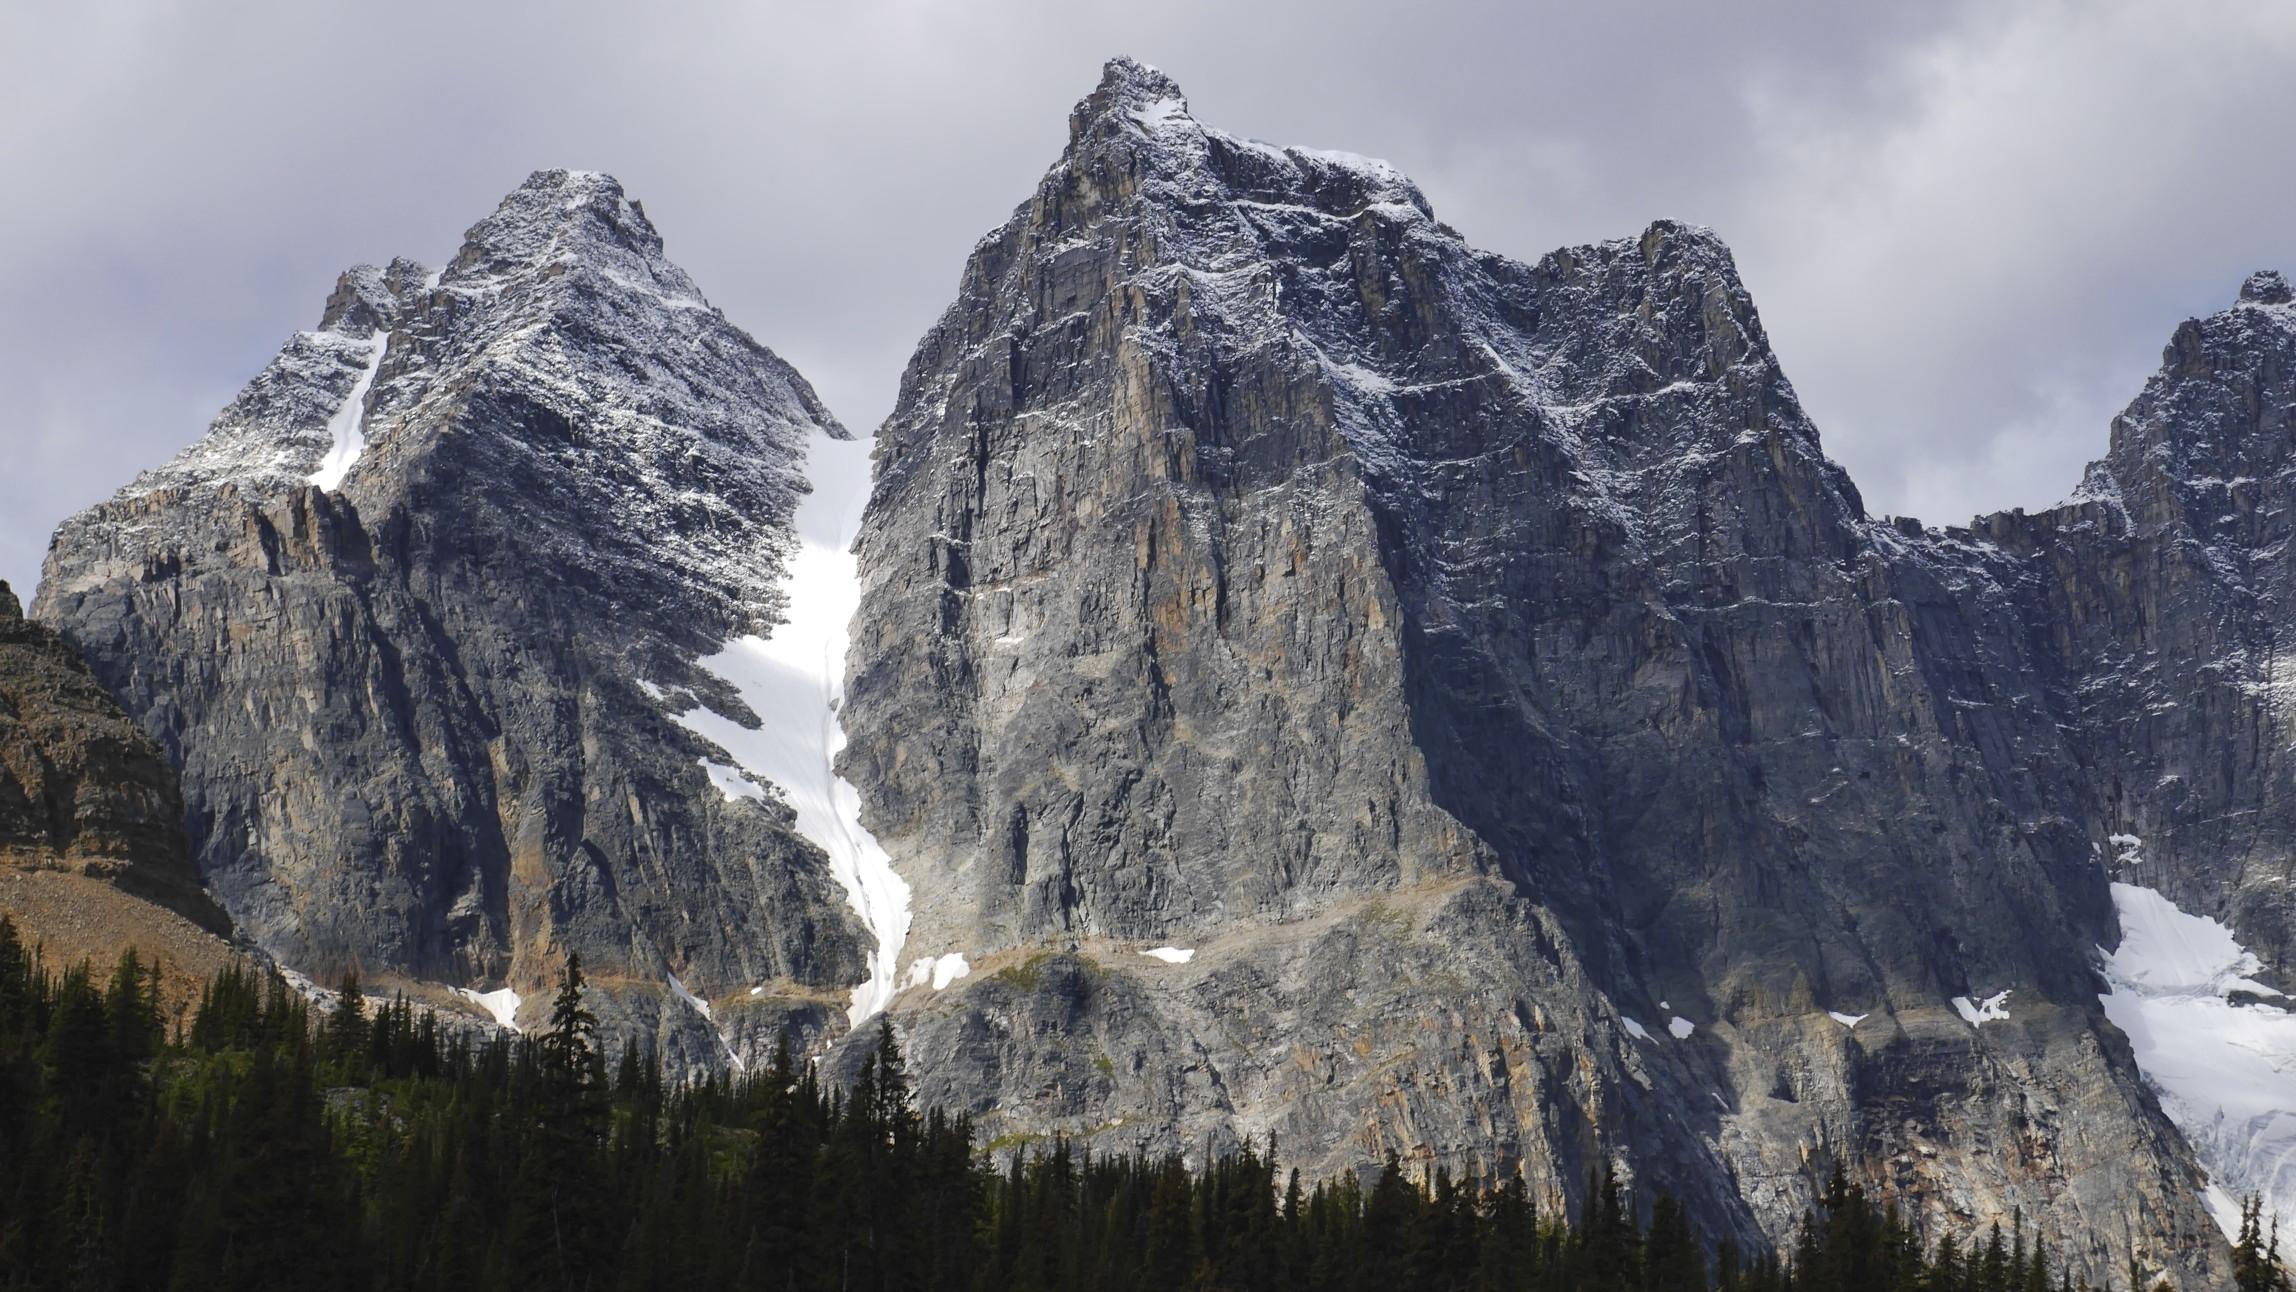 Parapet Peak and Radoubt Peak